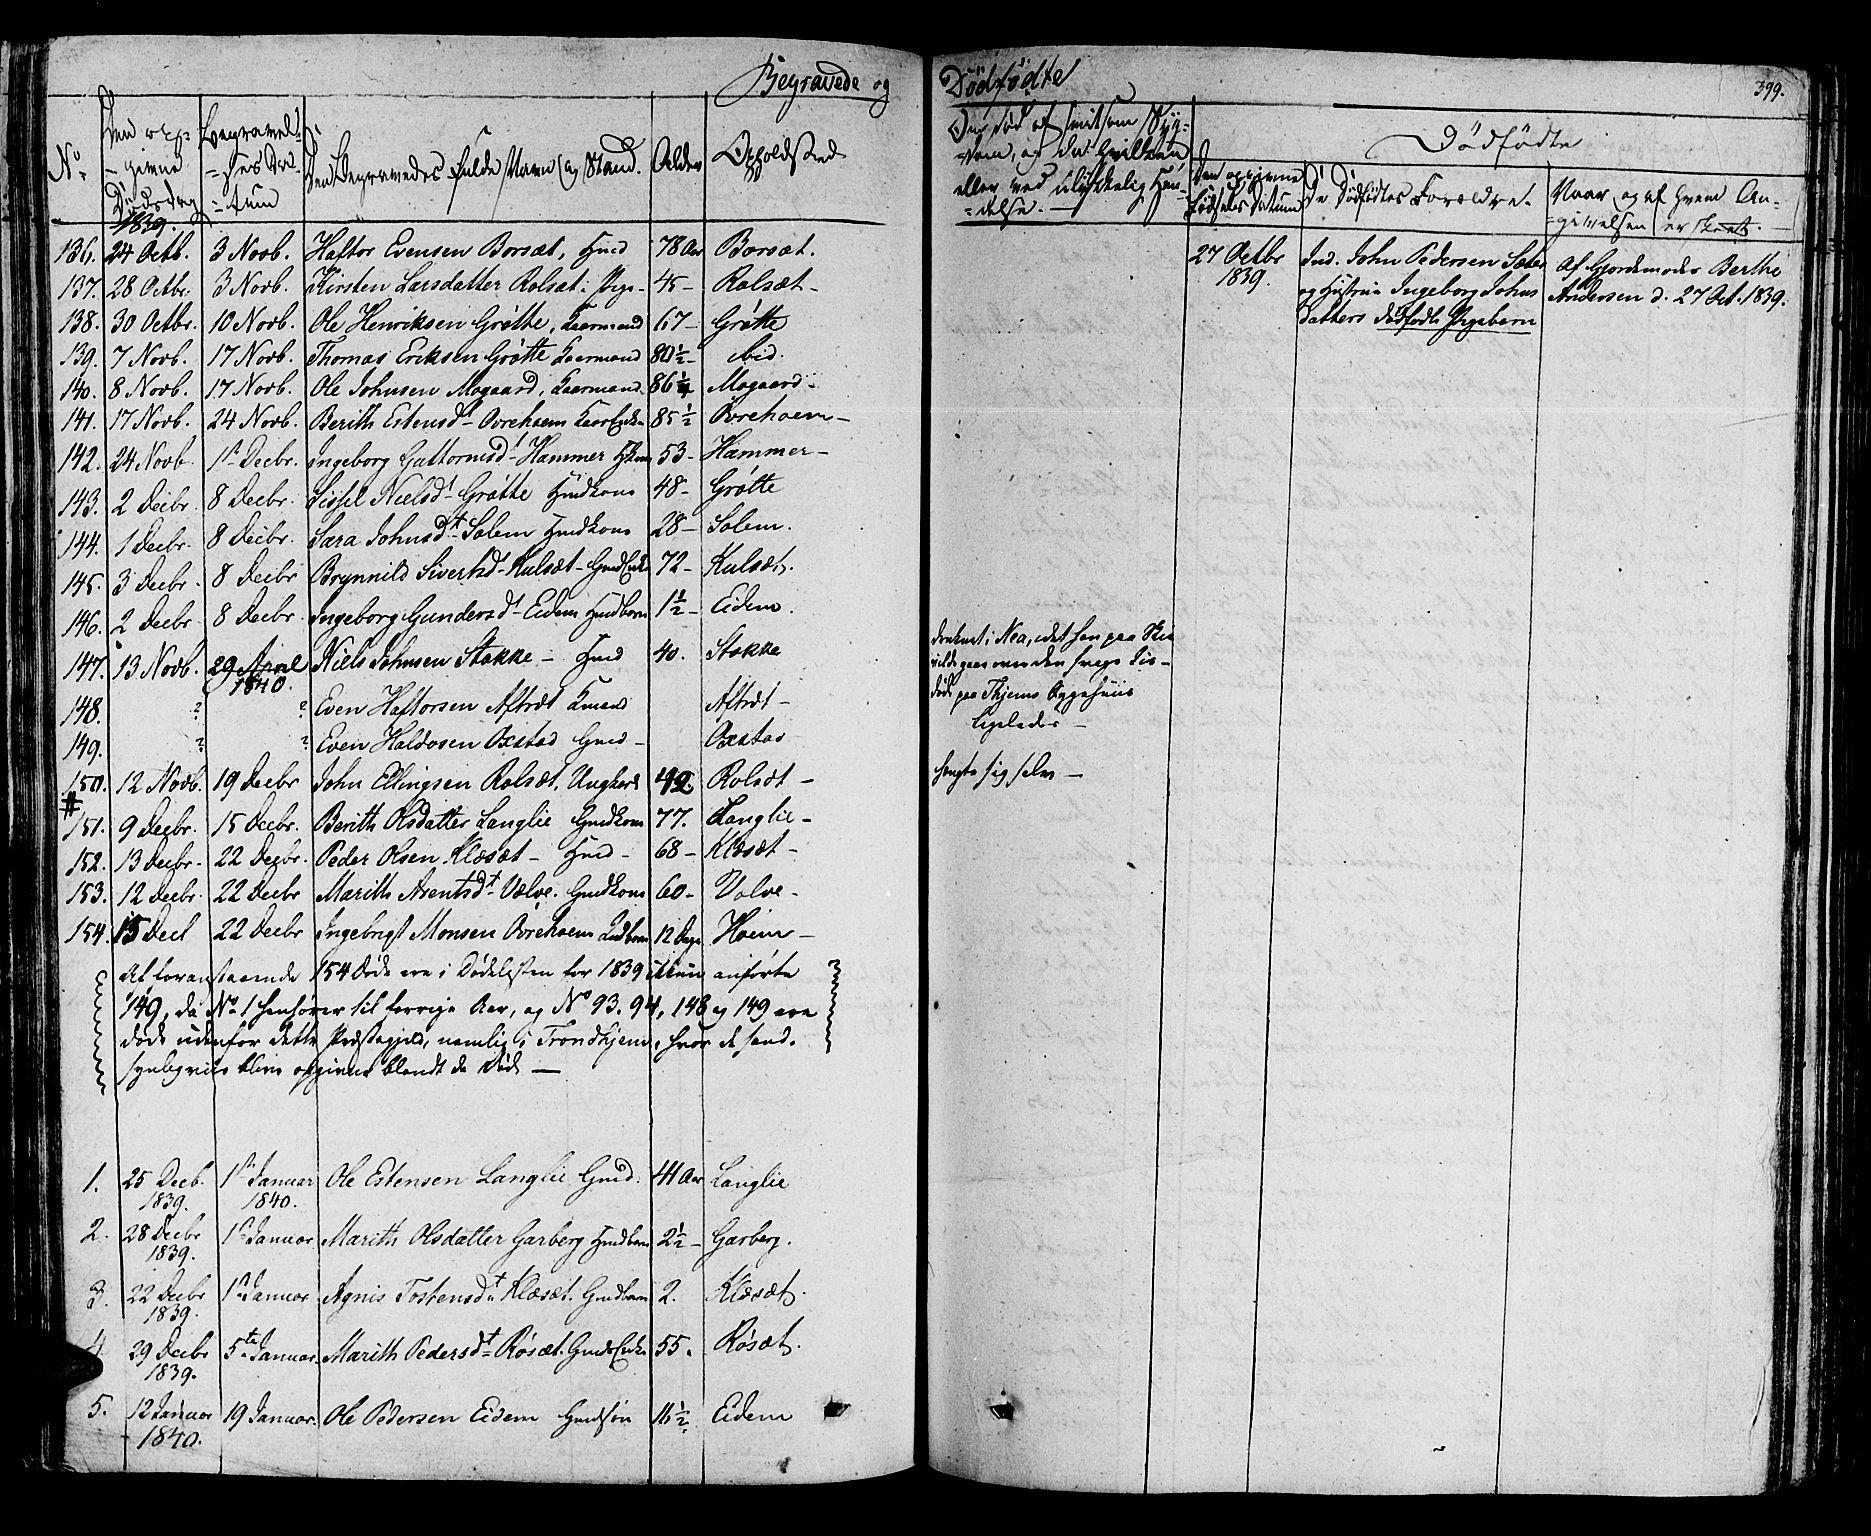 SAT, Ministerialprotokoller, klokkerbøker og fødselsregistre - Sør-Trøndelag, 695/L1143: Ministerialbok nr. 695A05 /1, 1824-1842, s. 399